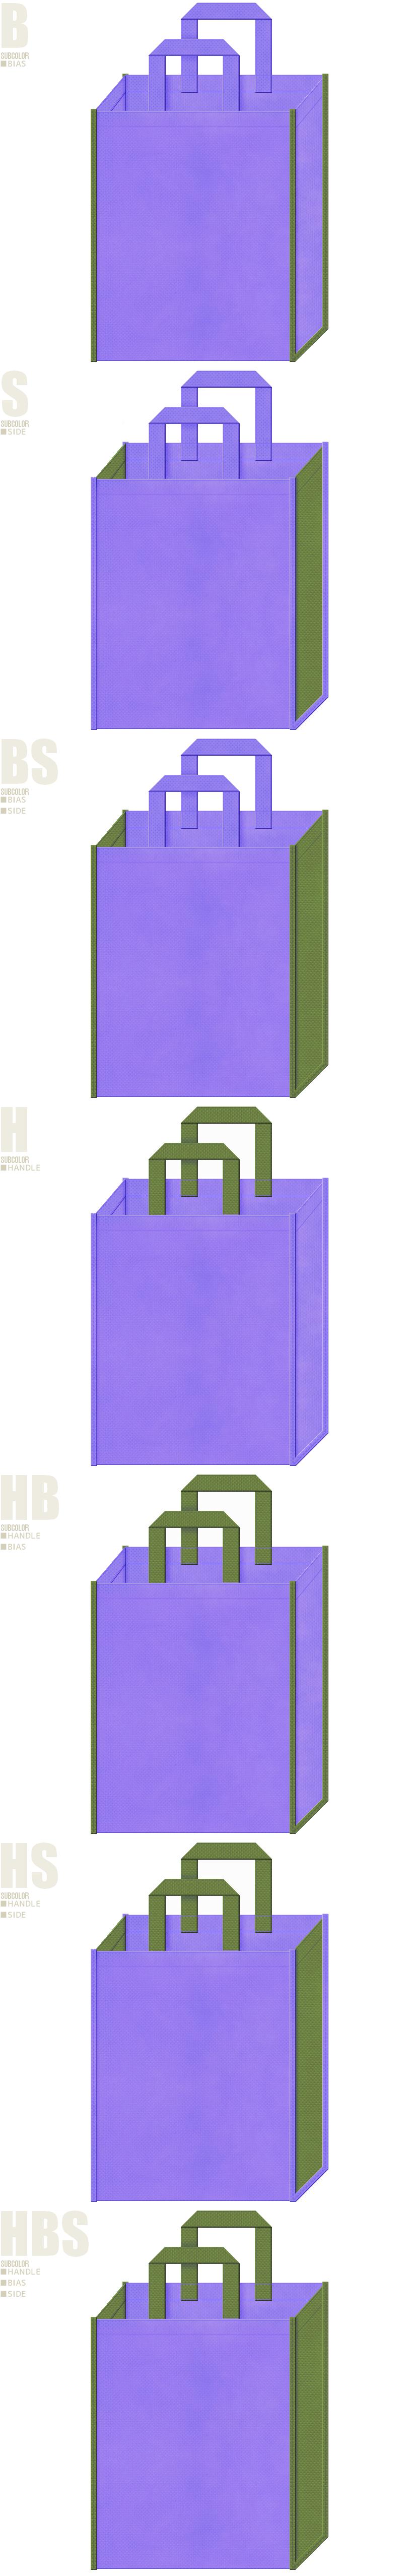 薄紫色と草色の配色7パターン:不織布トートバッグのデザイン